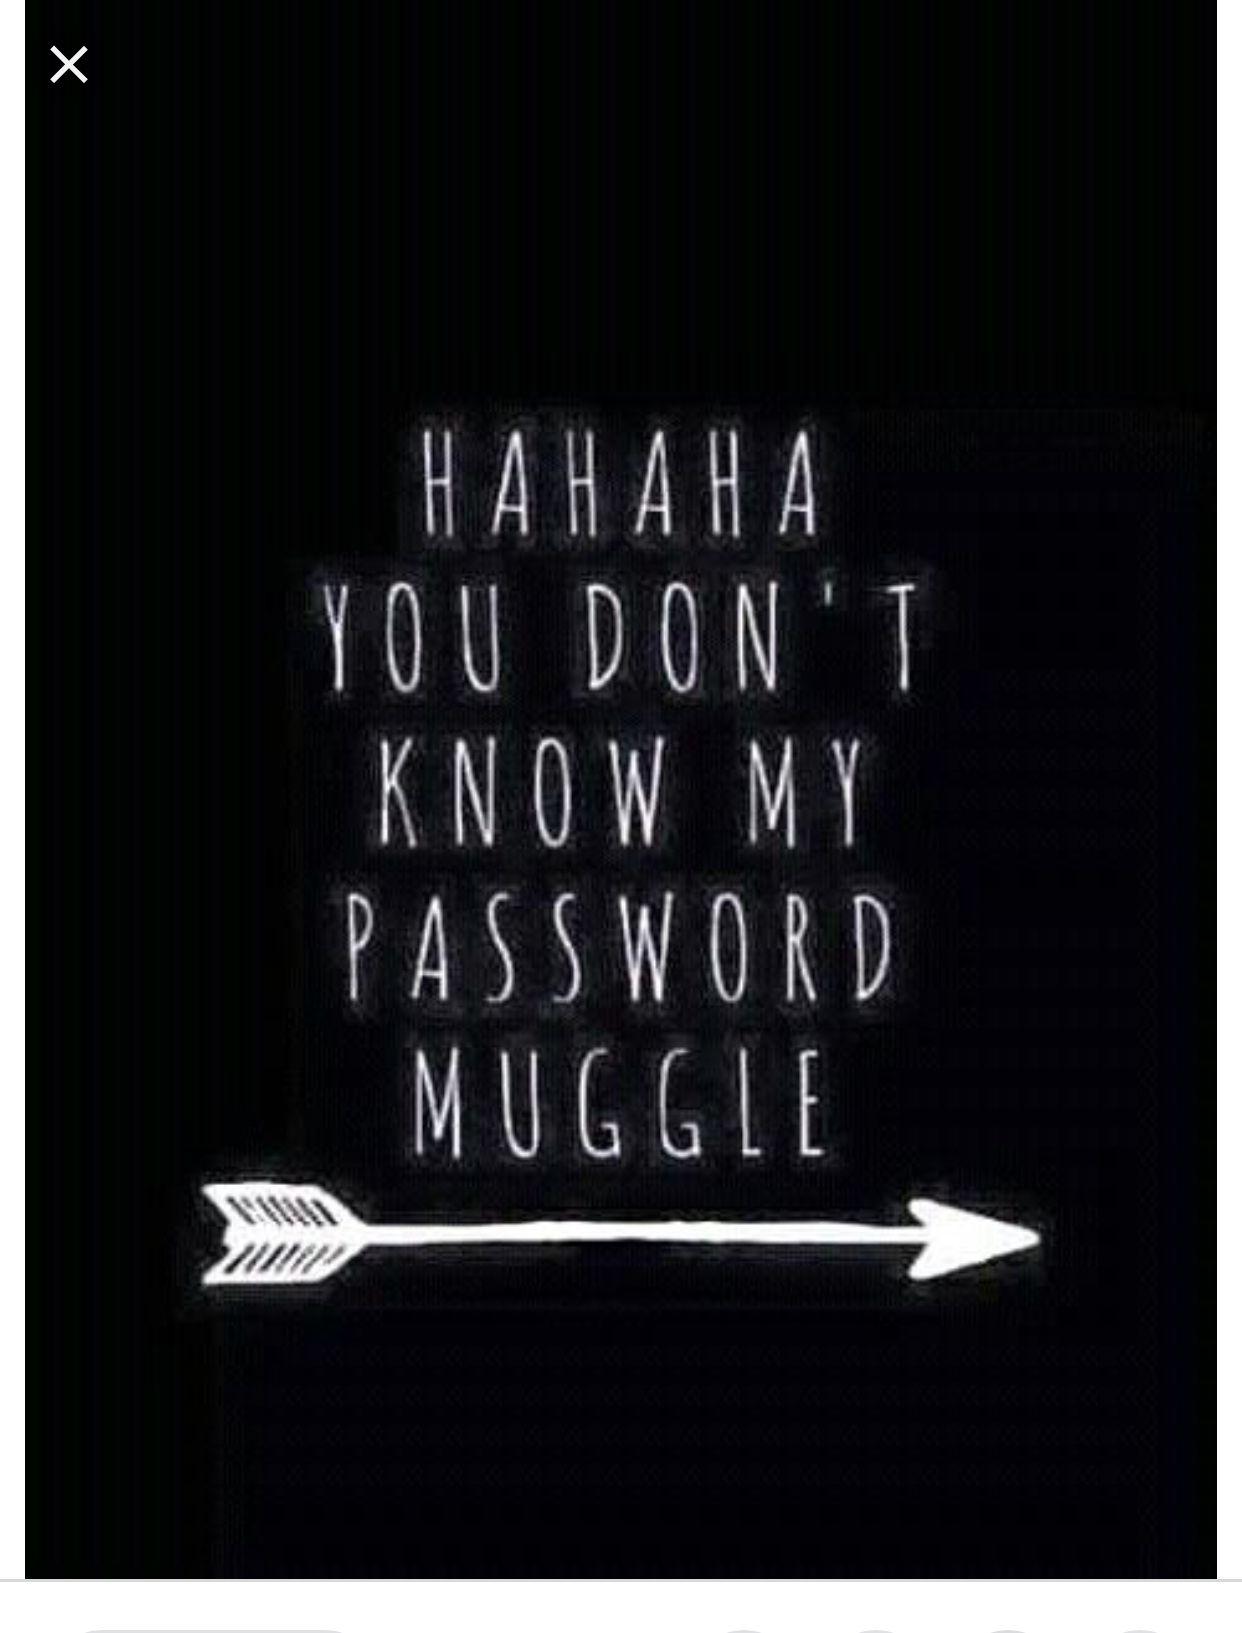 Pin Von Zoe Auf Hilarious Harry Potter World Hinzergrundbilder Sperrbildschirm